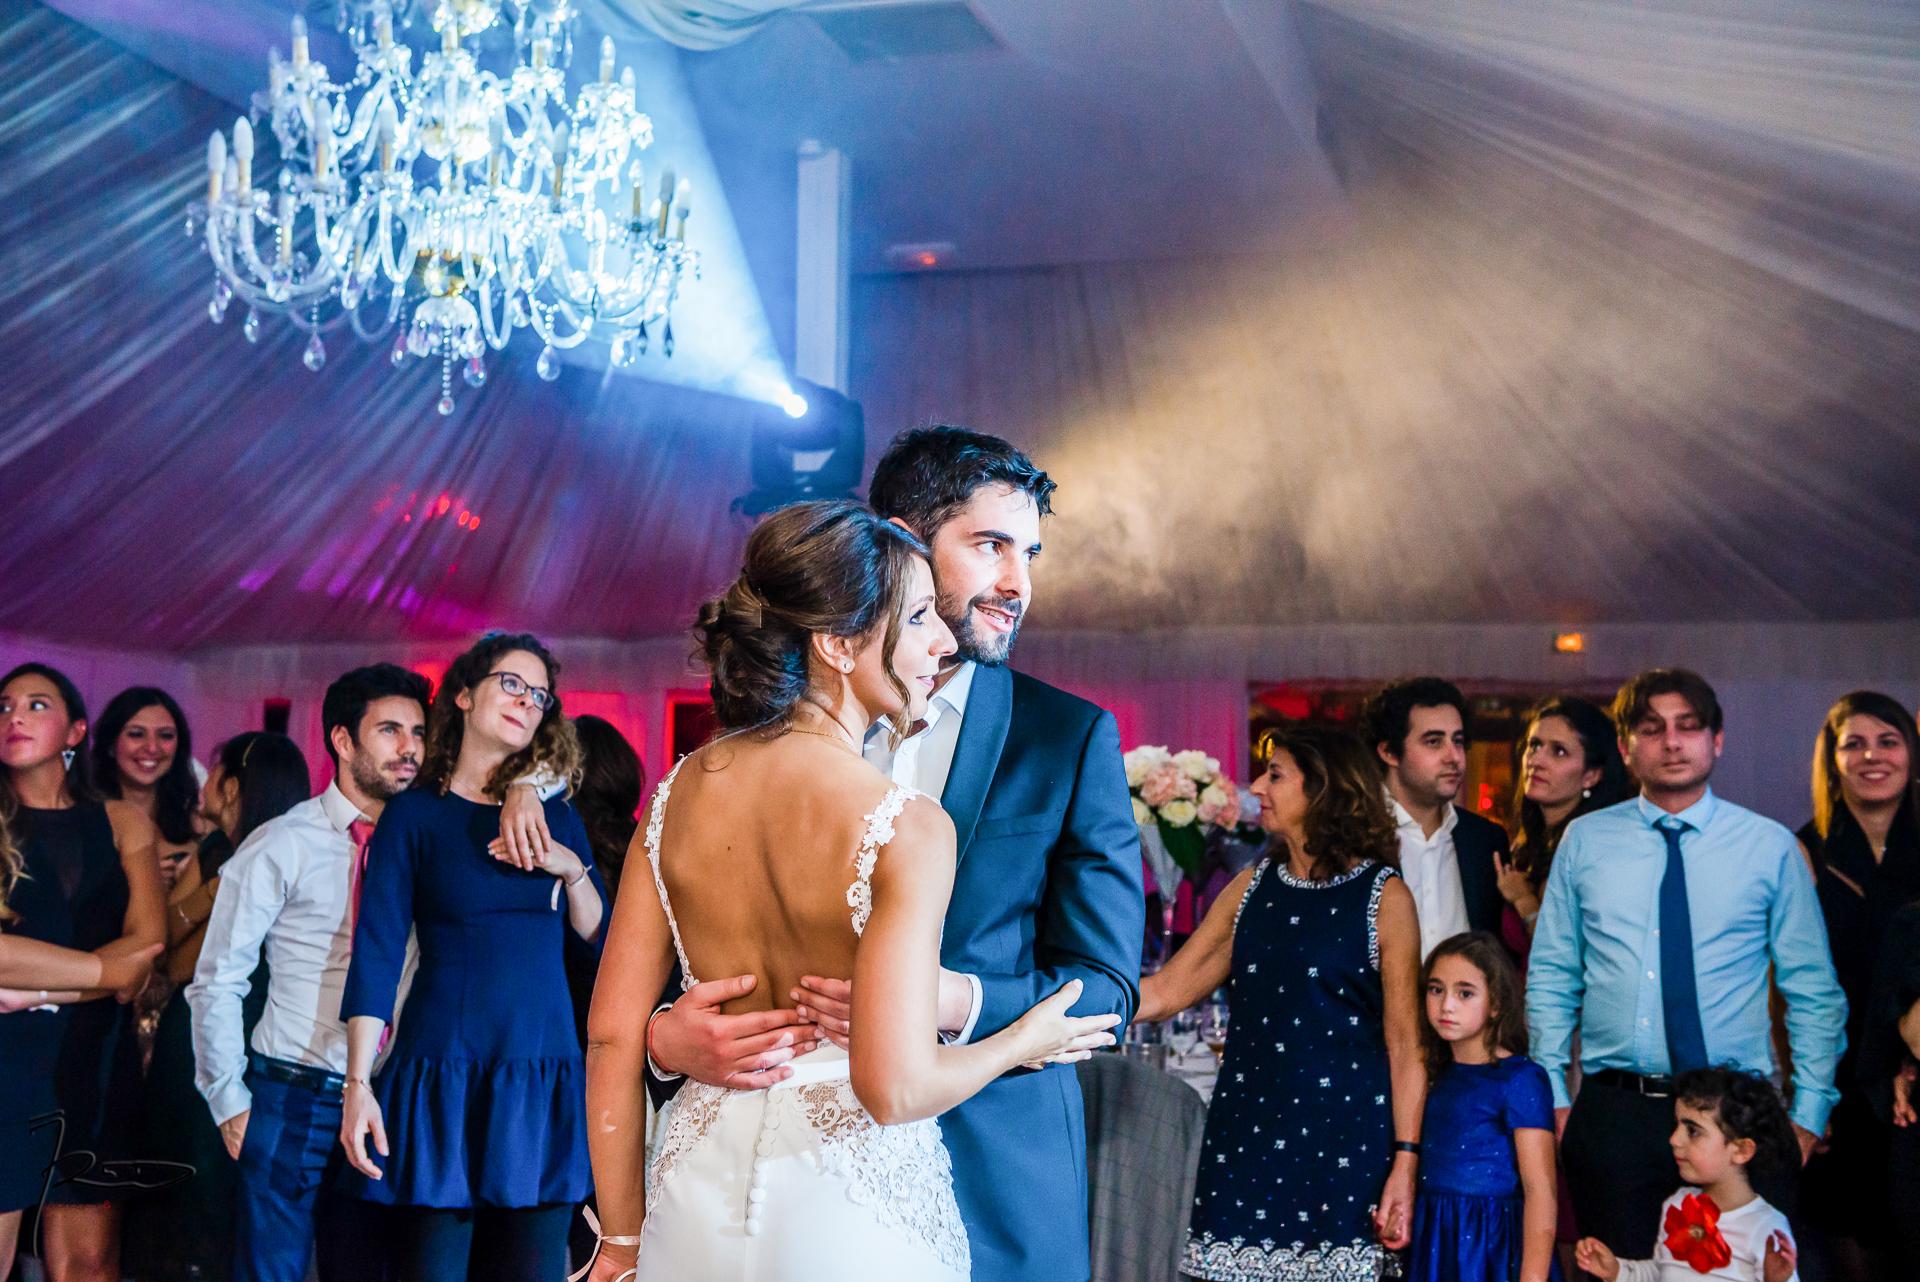 photographe mariage juif manoir des cygnes 147 photographe mariage paris - Photographe Mariage Juif